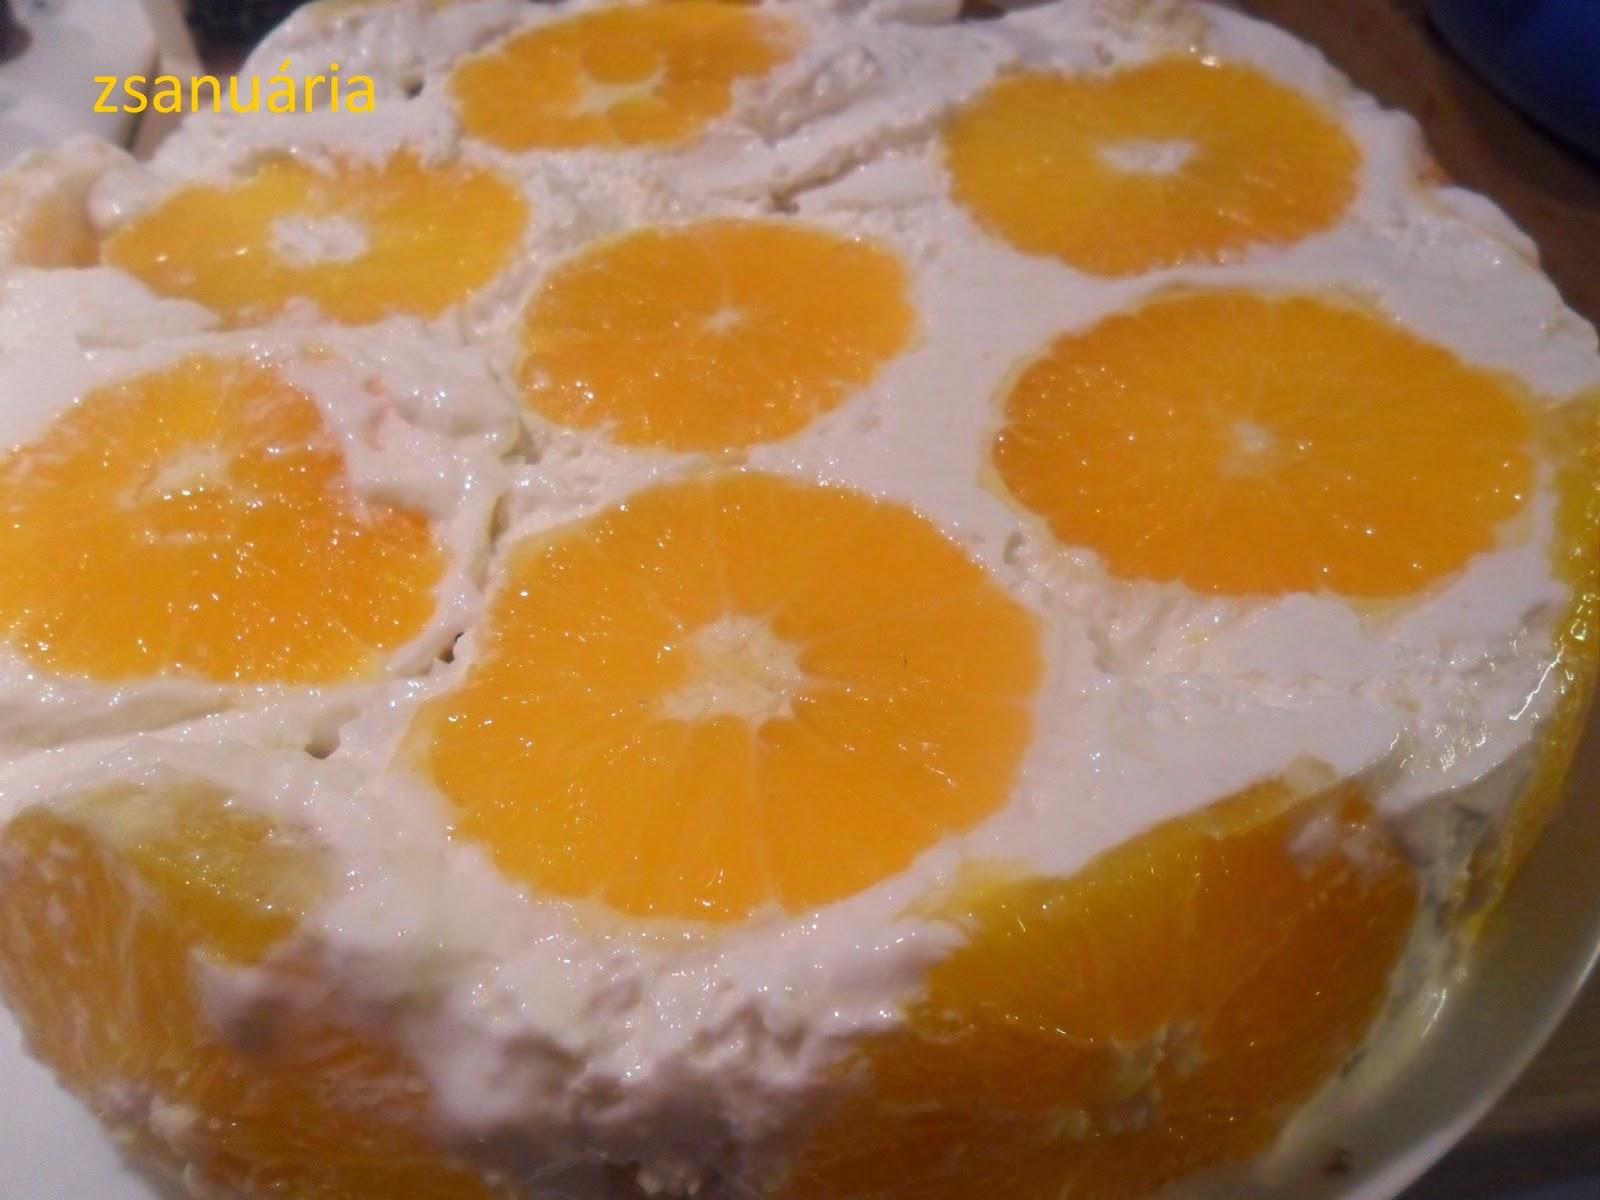 dc872011bc ...azért a képen látszik, hogy lágy, gyengén rezgős, azaz elbír 2 tasak  zselatinfixet is, de az íze frenetikusan friss, narancsos, gyümölcsös,  hiszen minden ...